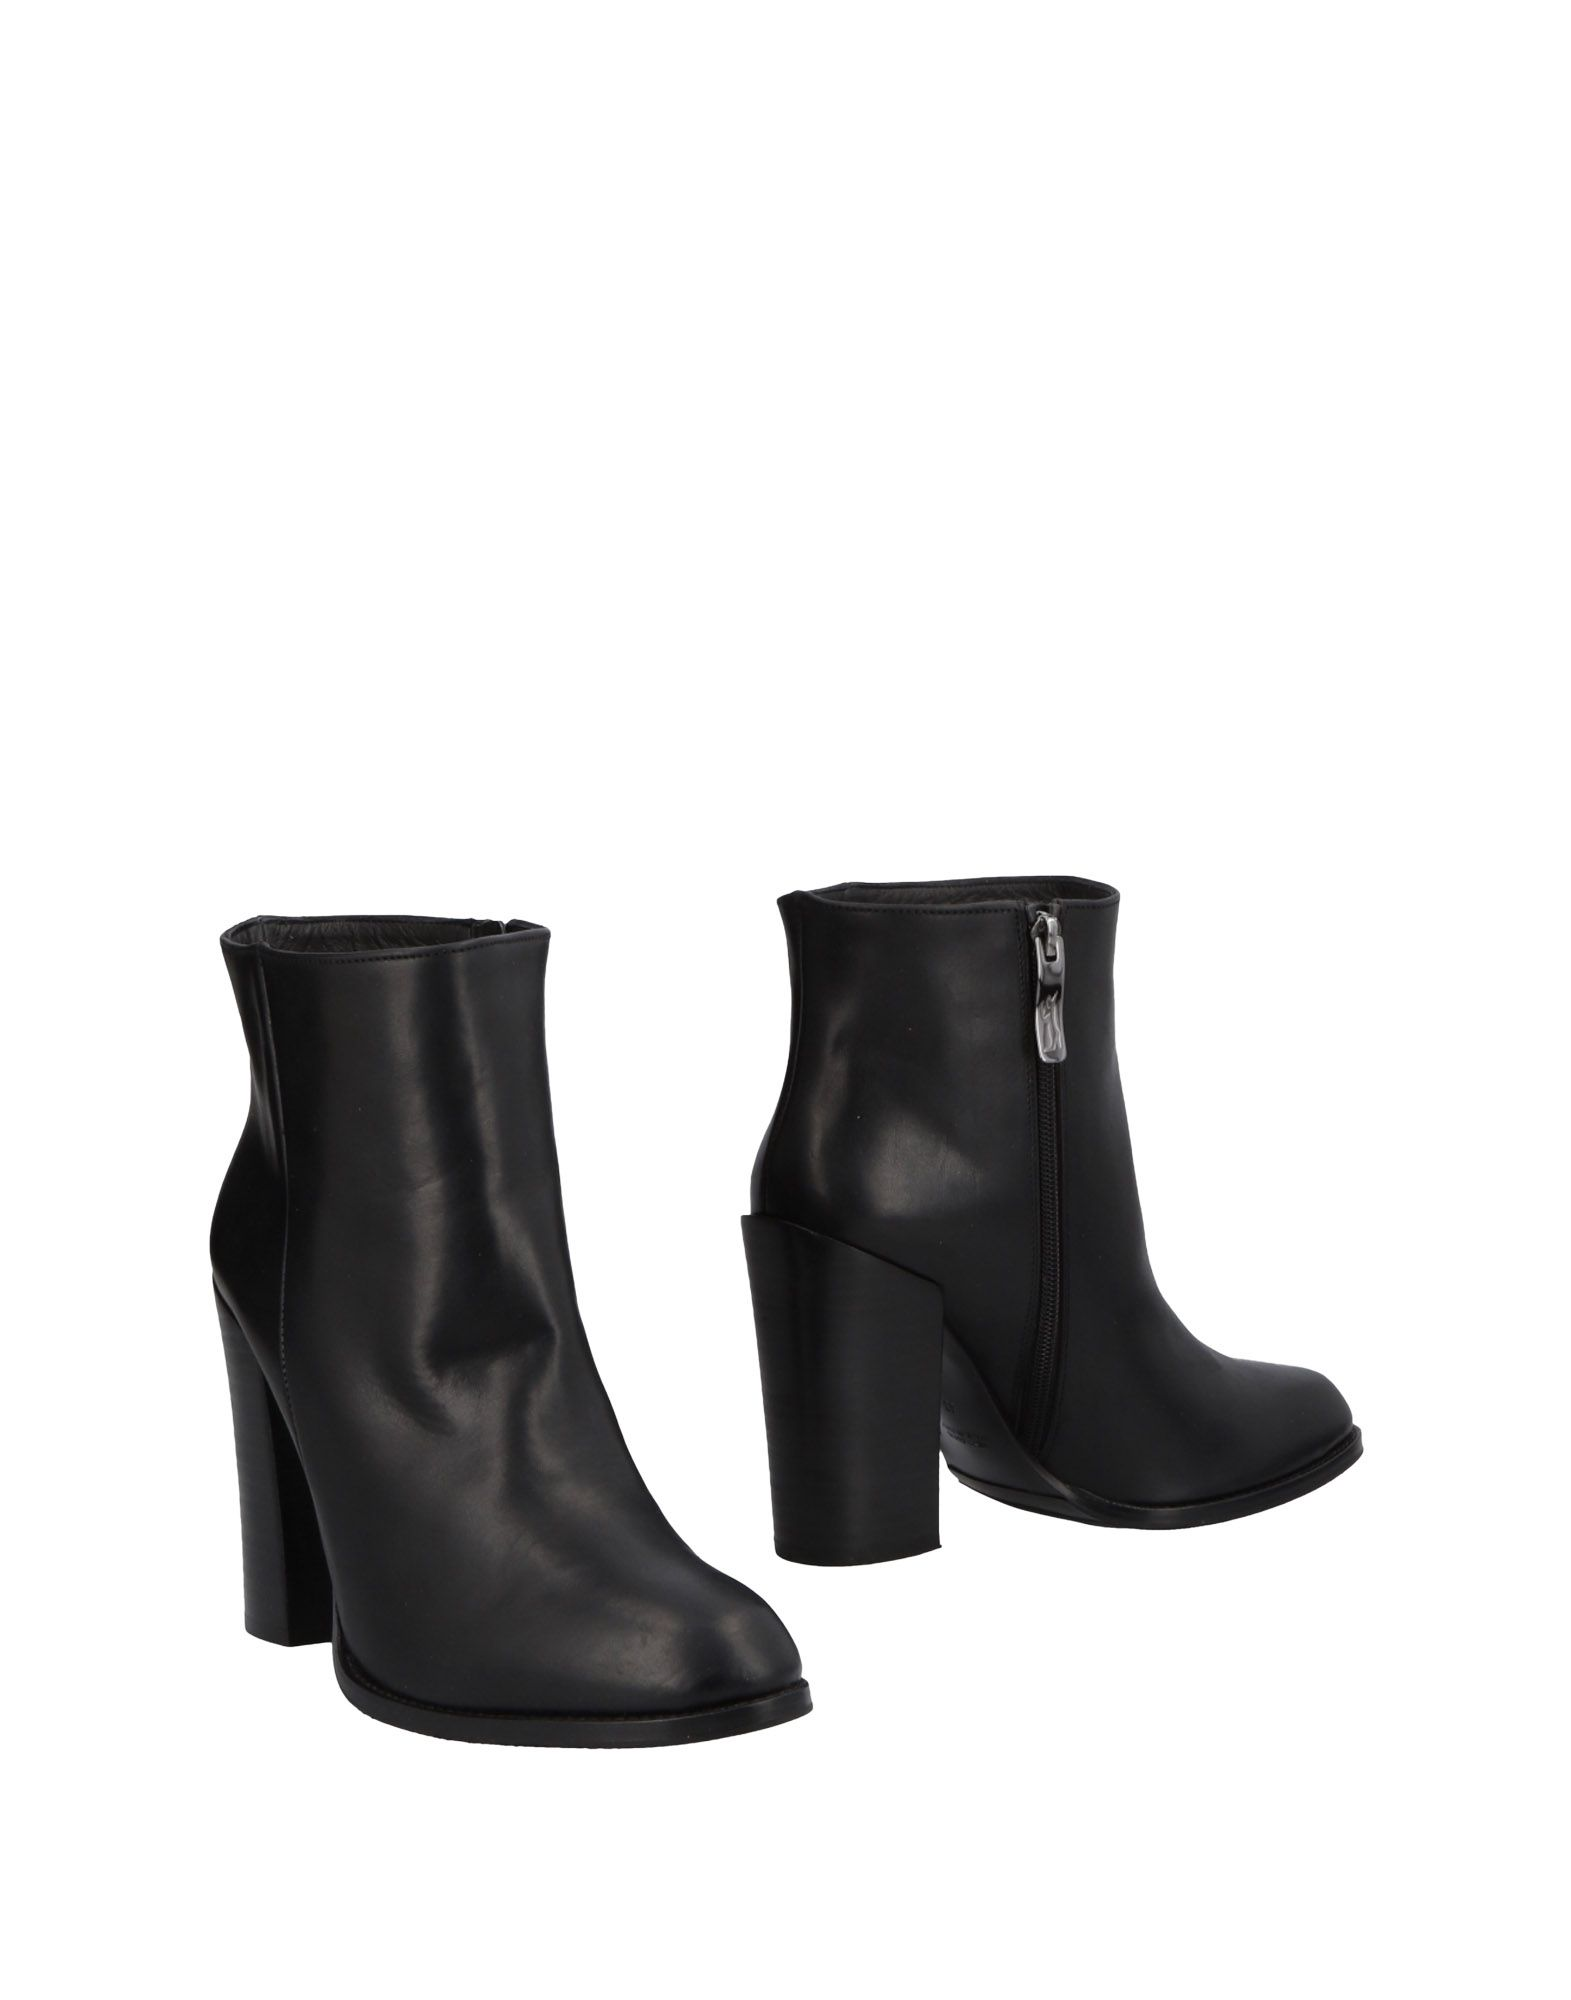 Stilvolle billige Schuhe Damen Lorenzo Masiero Stiefelette Damen Schuhe  11473306UP 476495